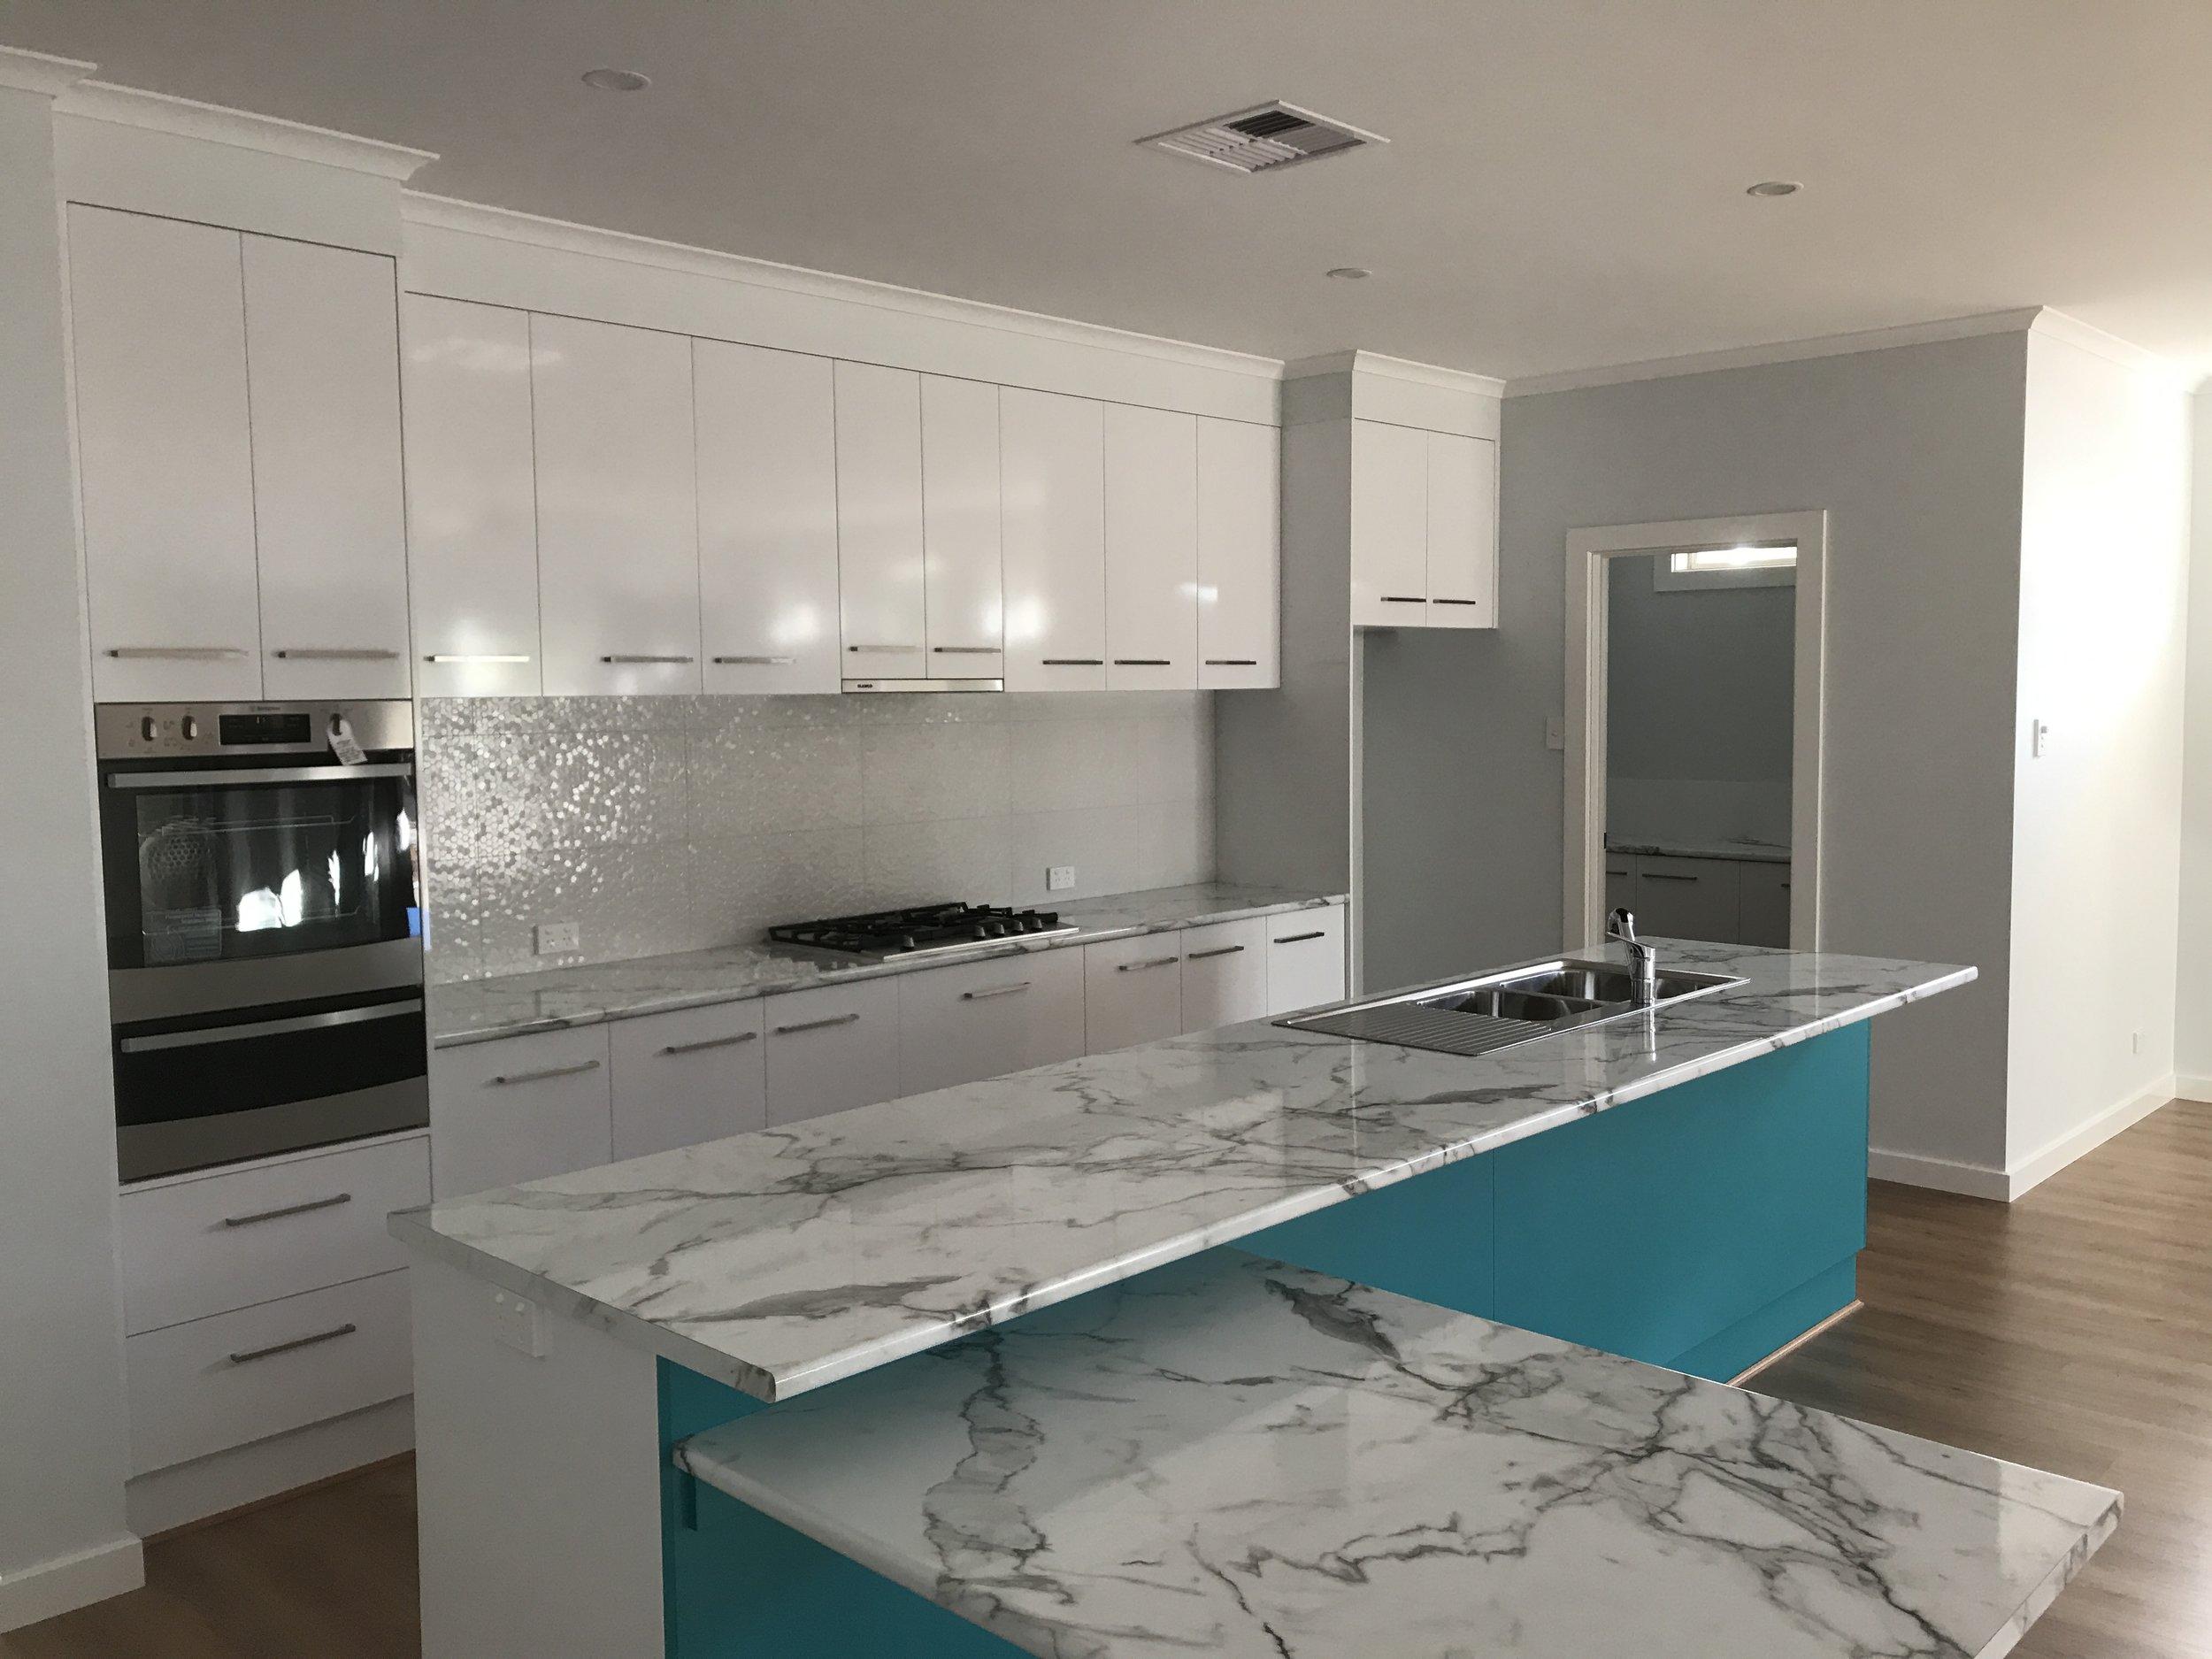 Kitchen S.back RFA6311 WHITE GLOSS REC GLZ PCLN (300x600) (2).JPG